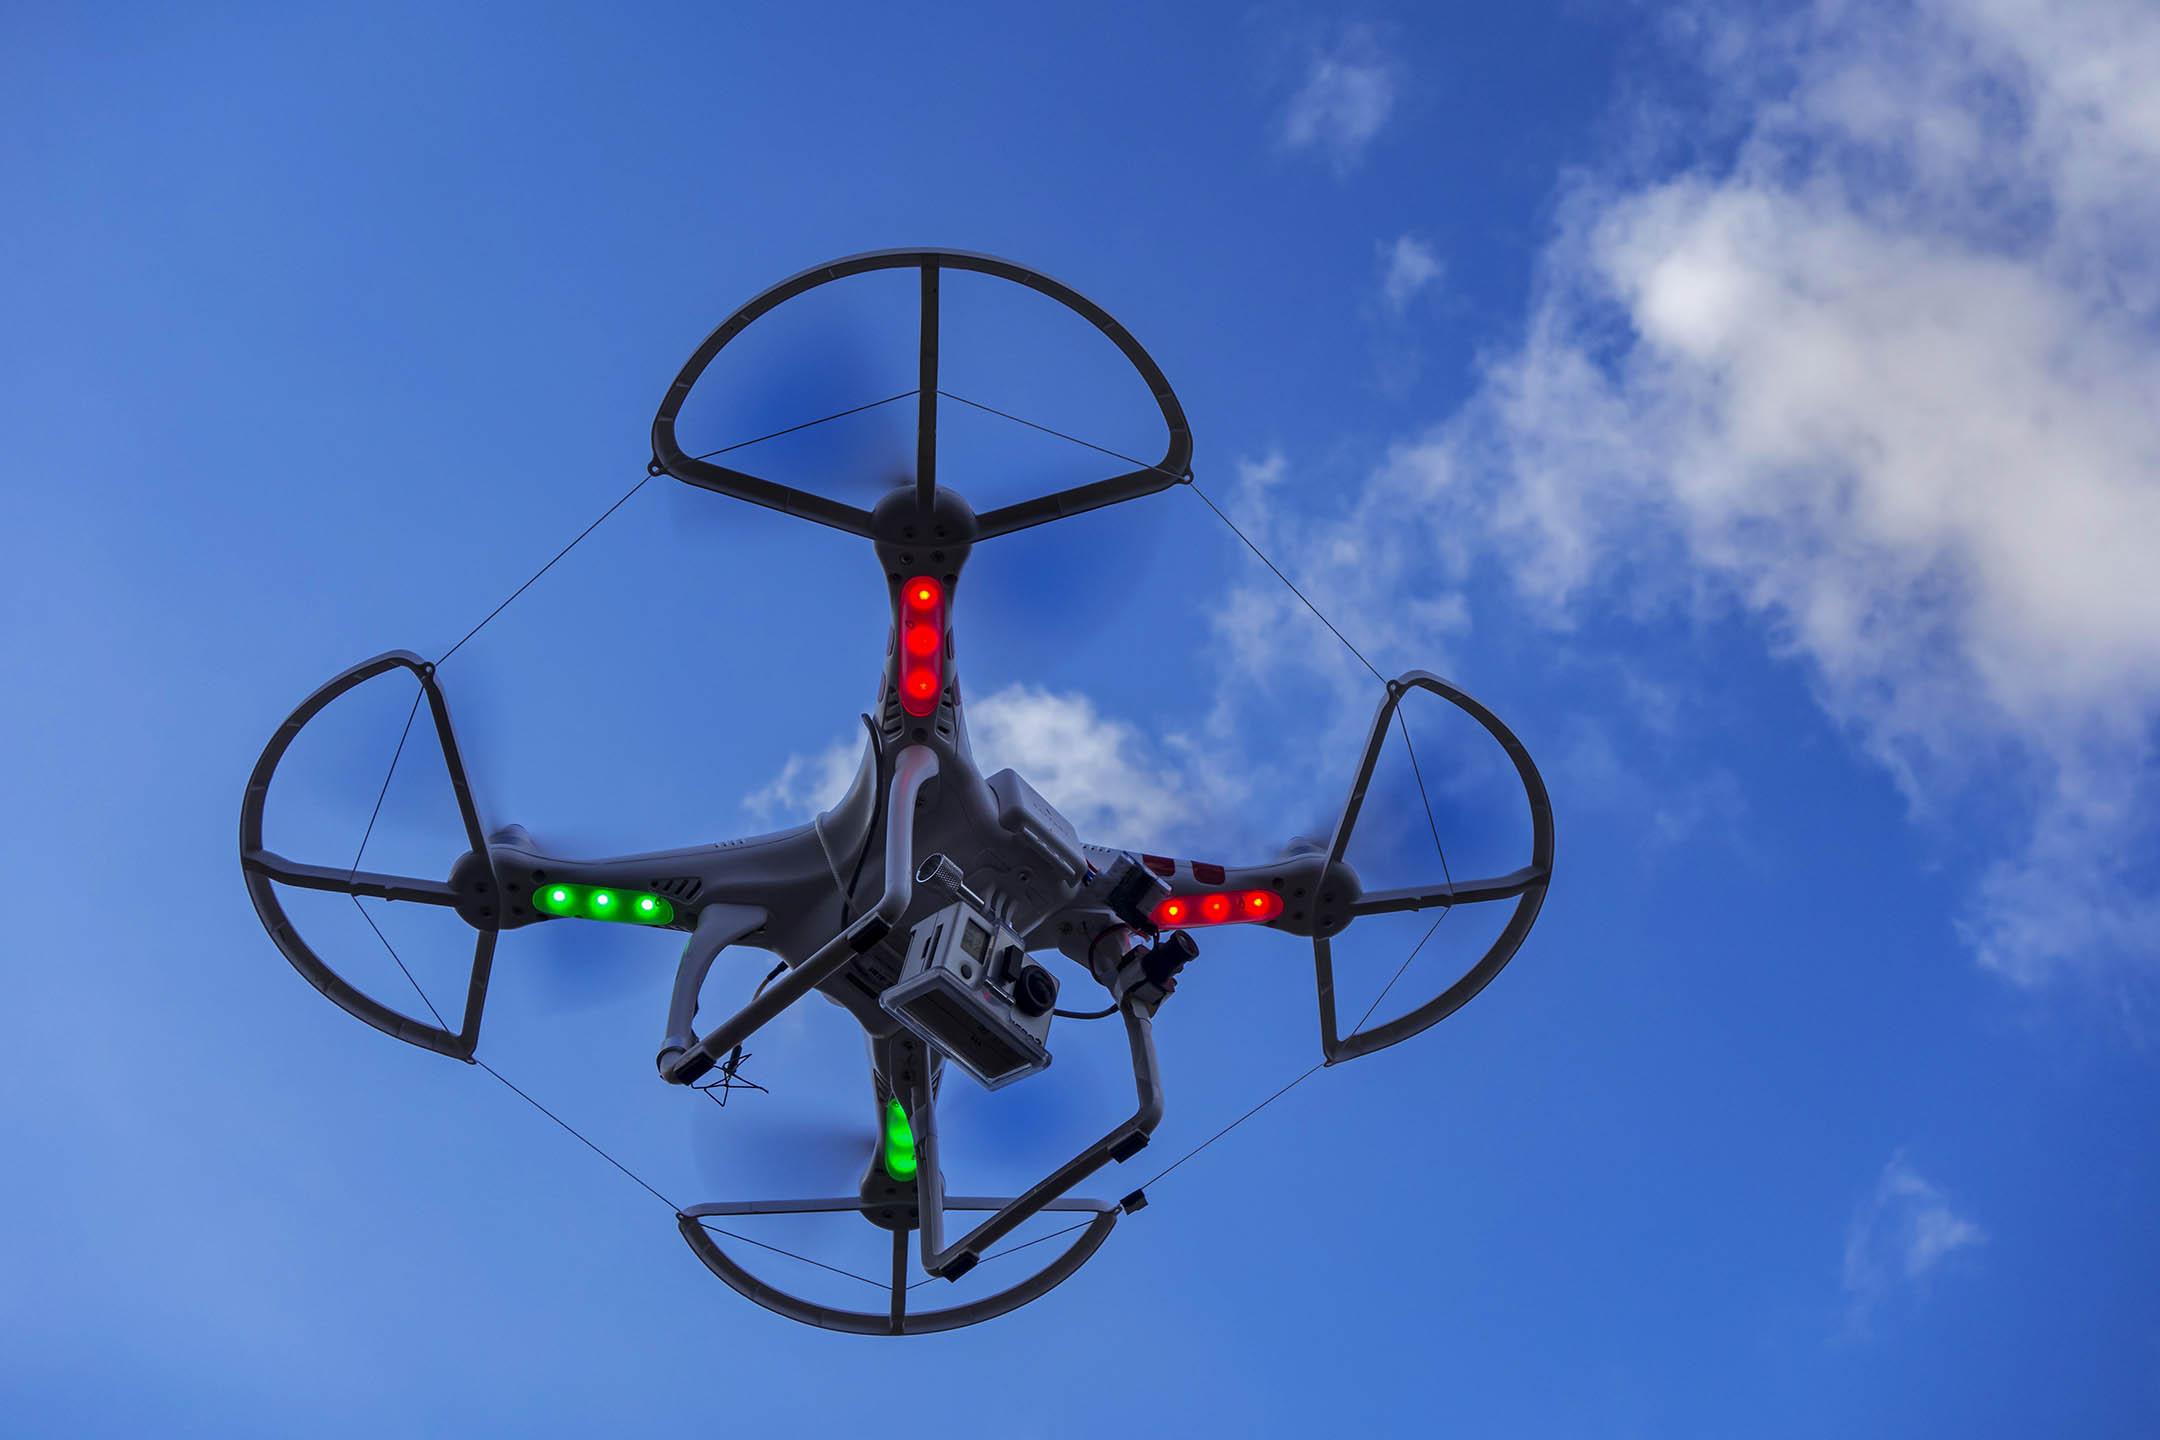 配備相機的無人機在飛行中。